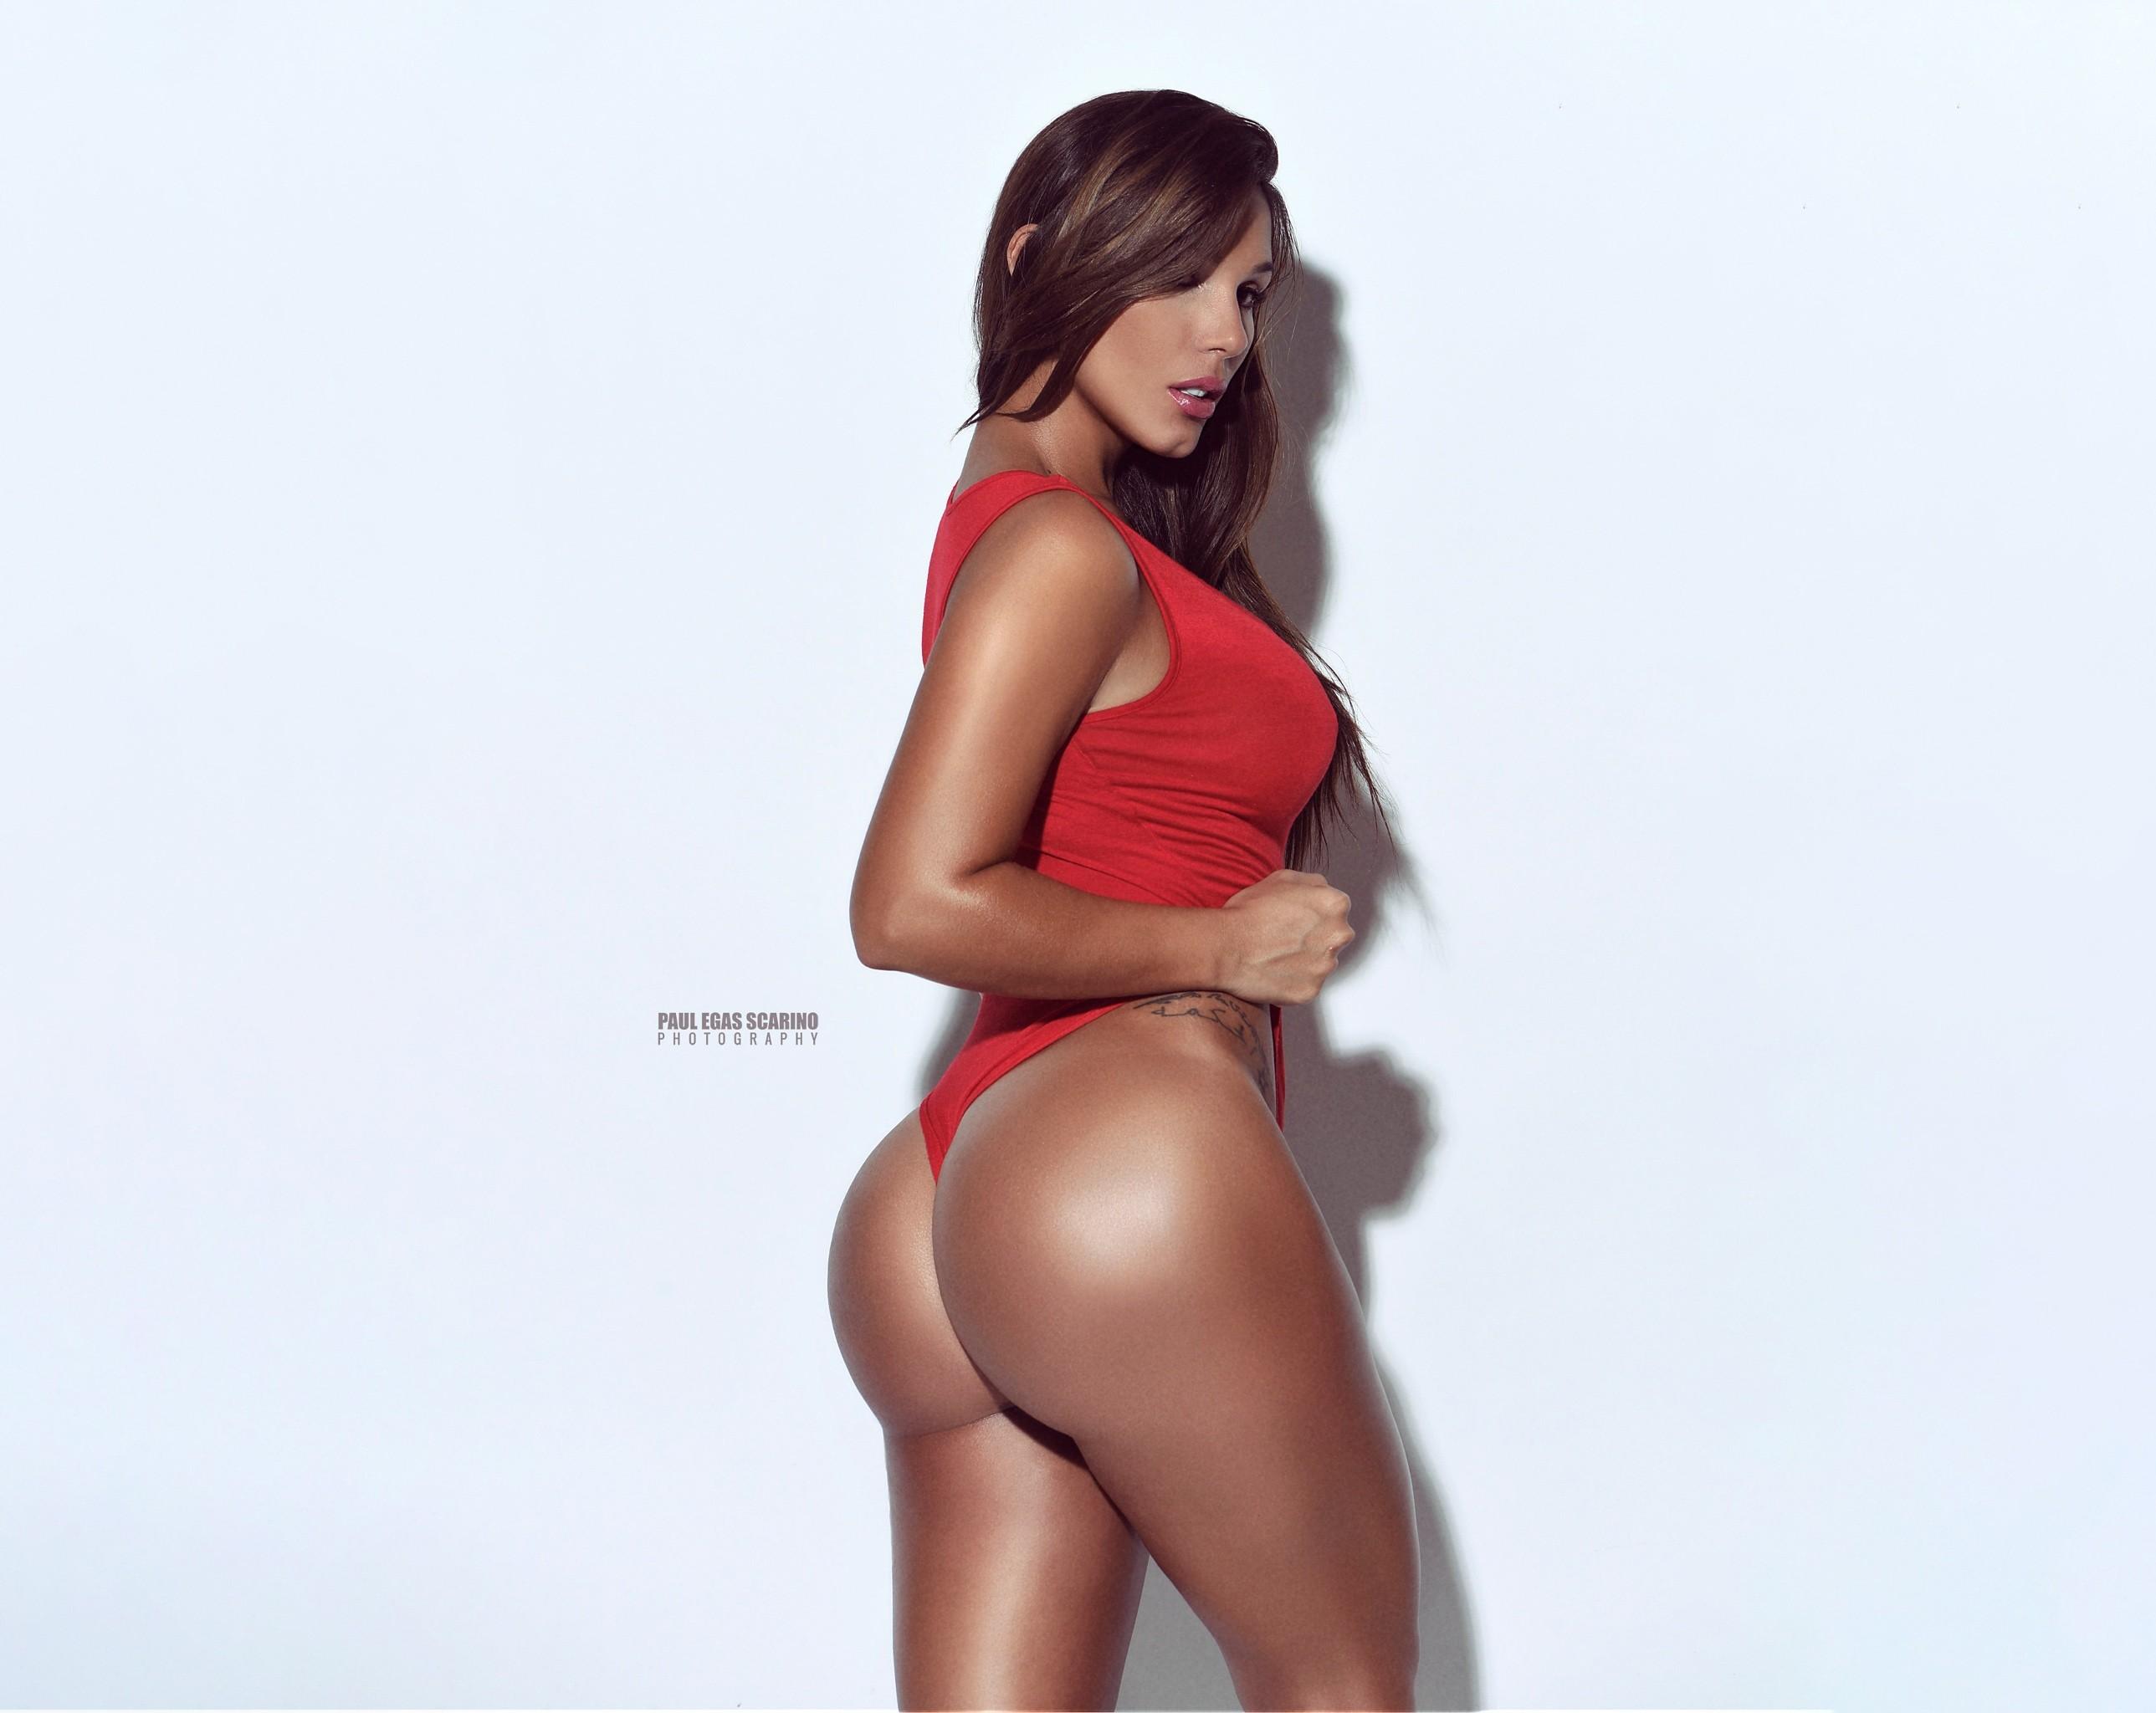 Nice Ass Pics - NEW Hot Asses, Big Asses, Sexy Ass Girls.